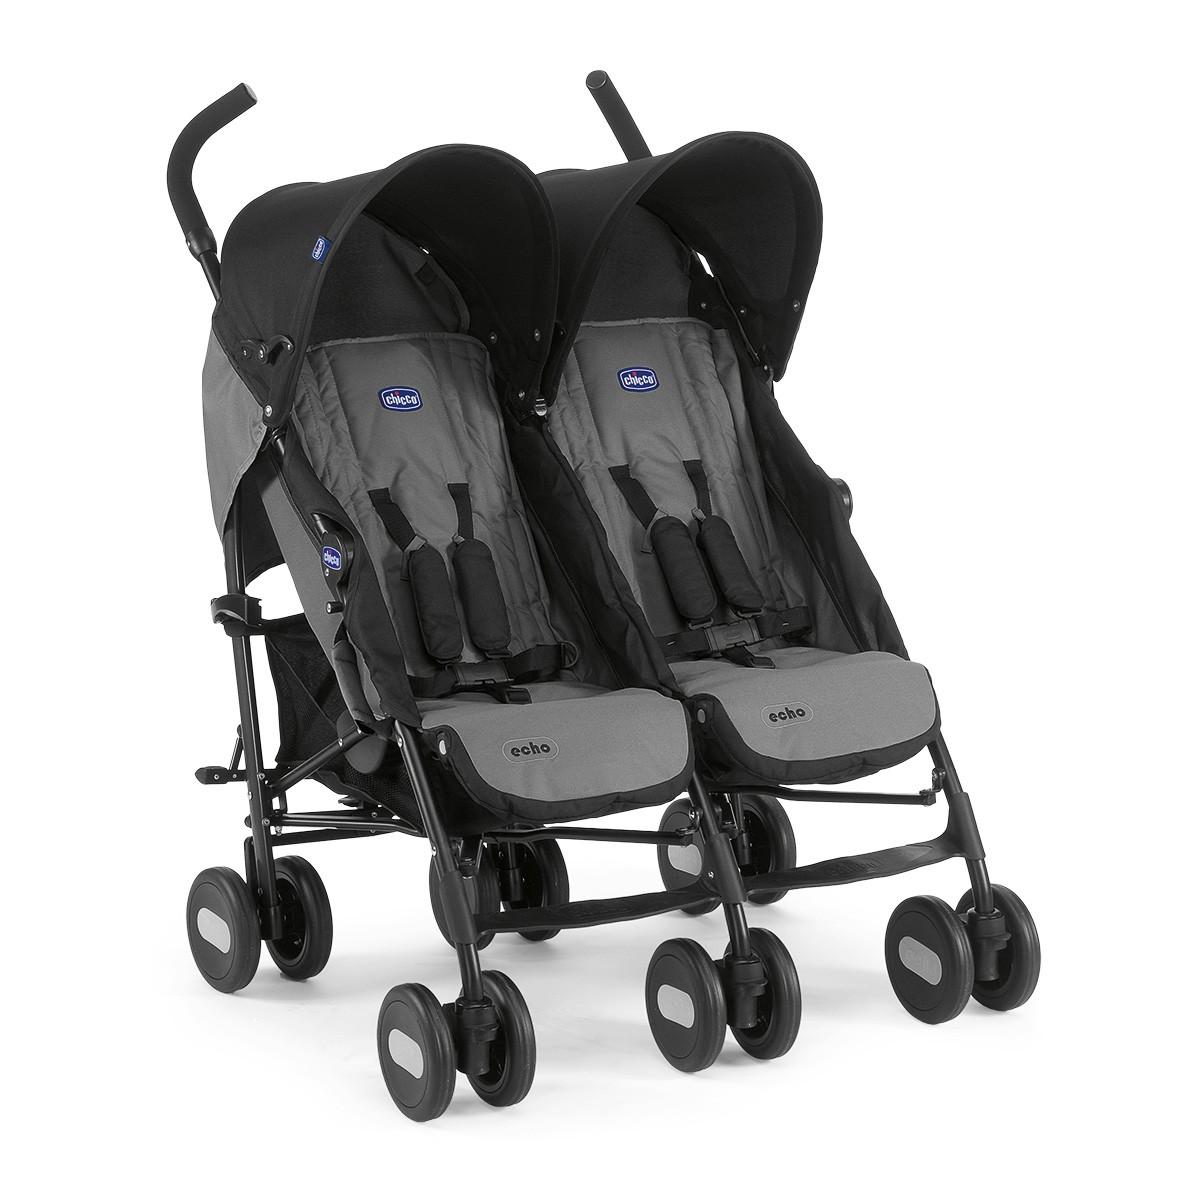 Wózek dla bliźniąt Echo  Twin